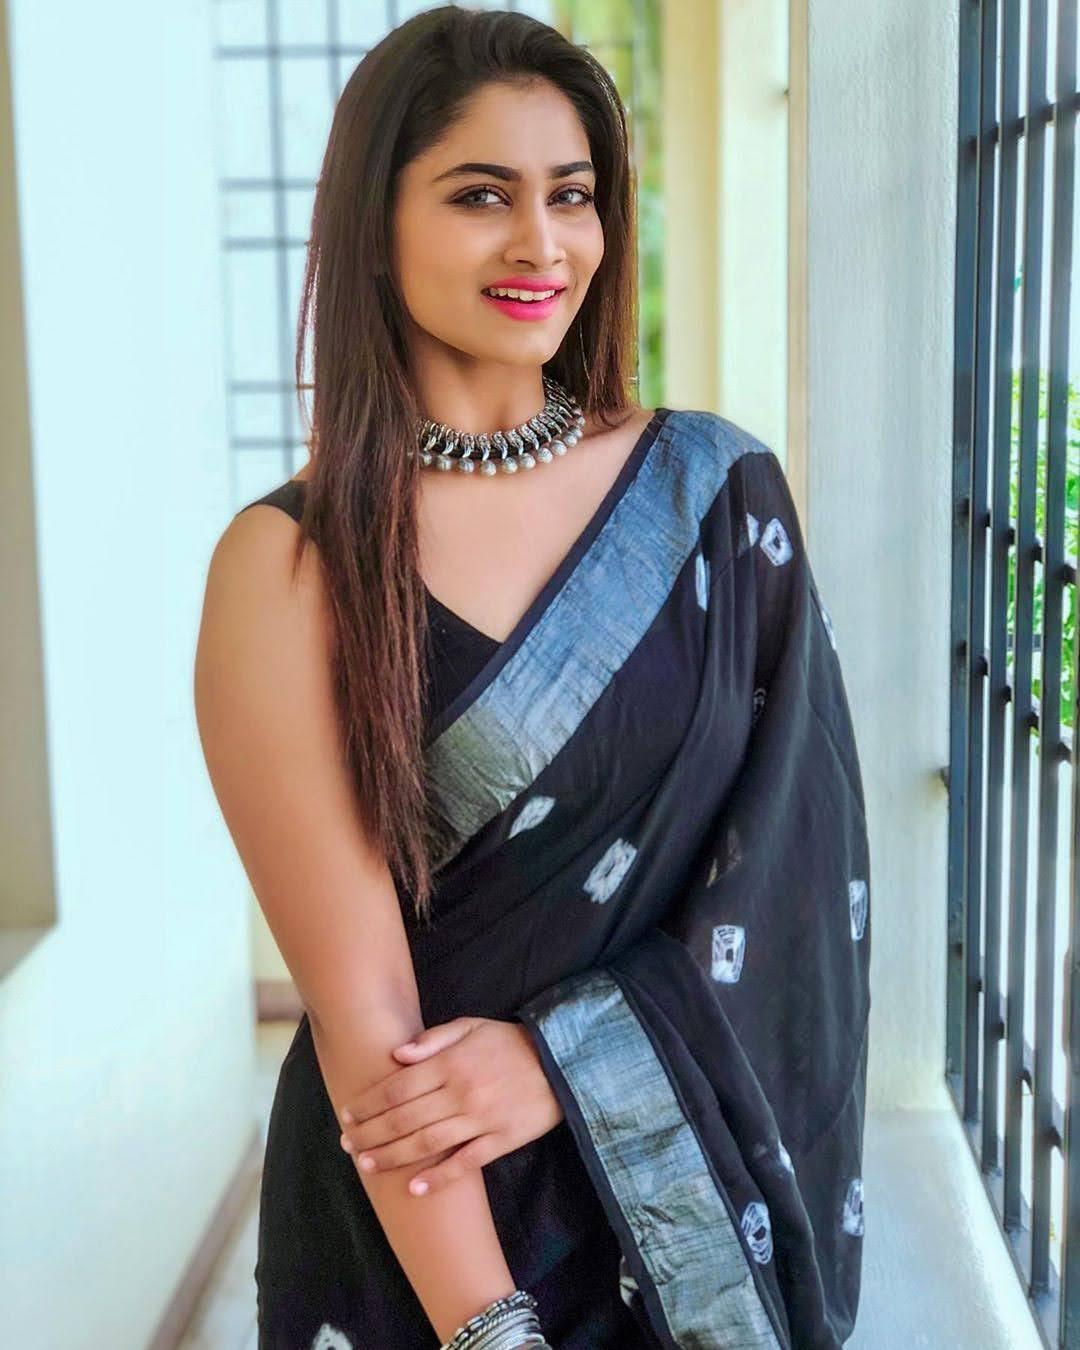 shivani_narayanan_515113253